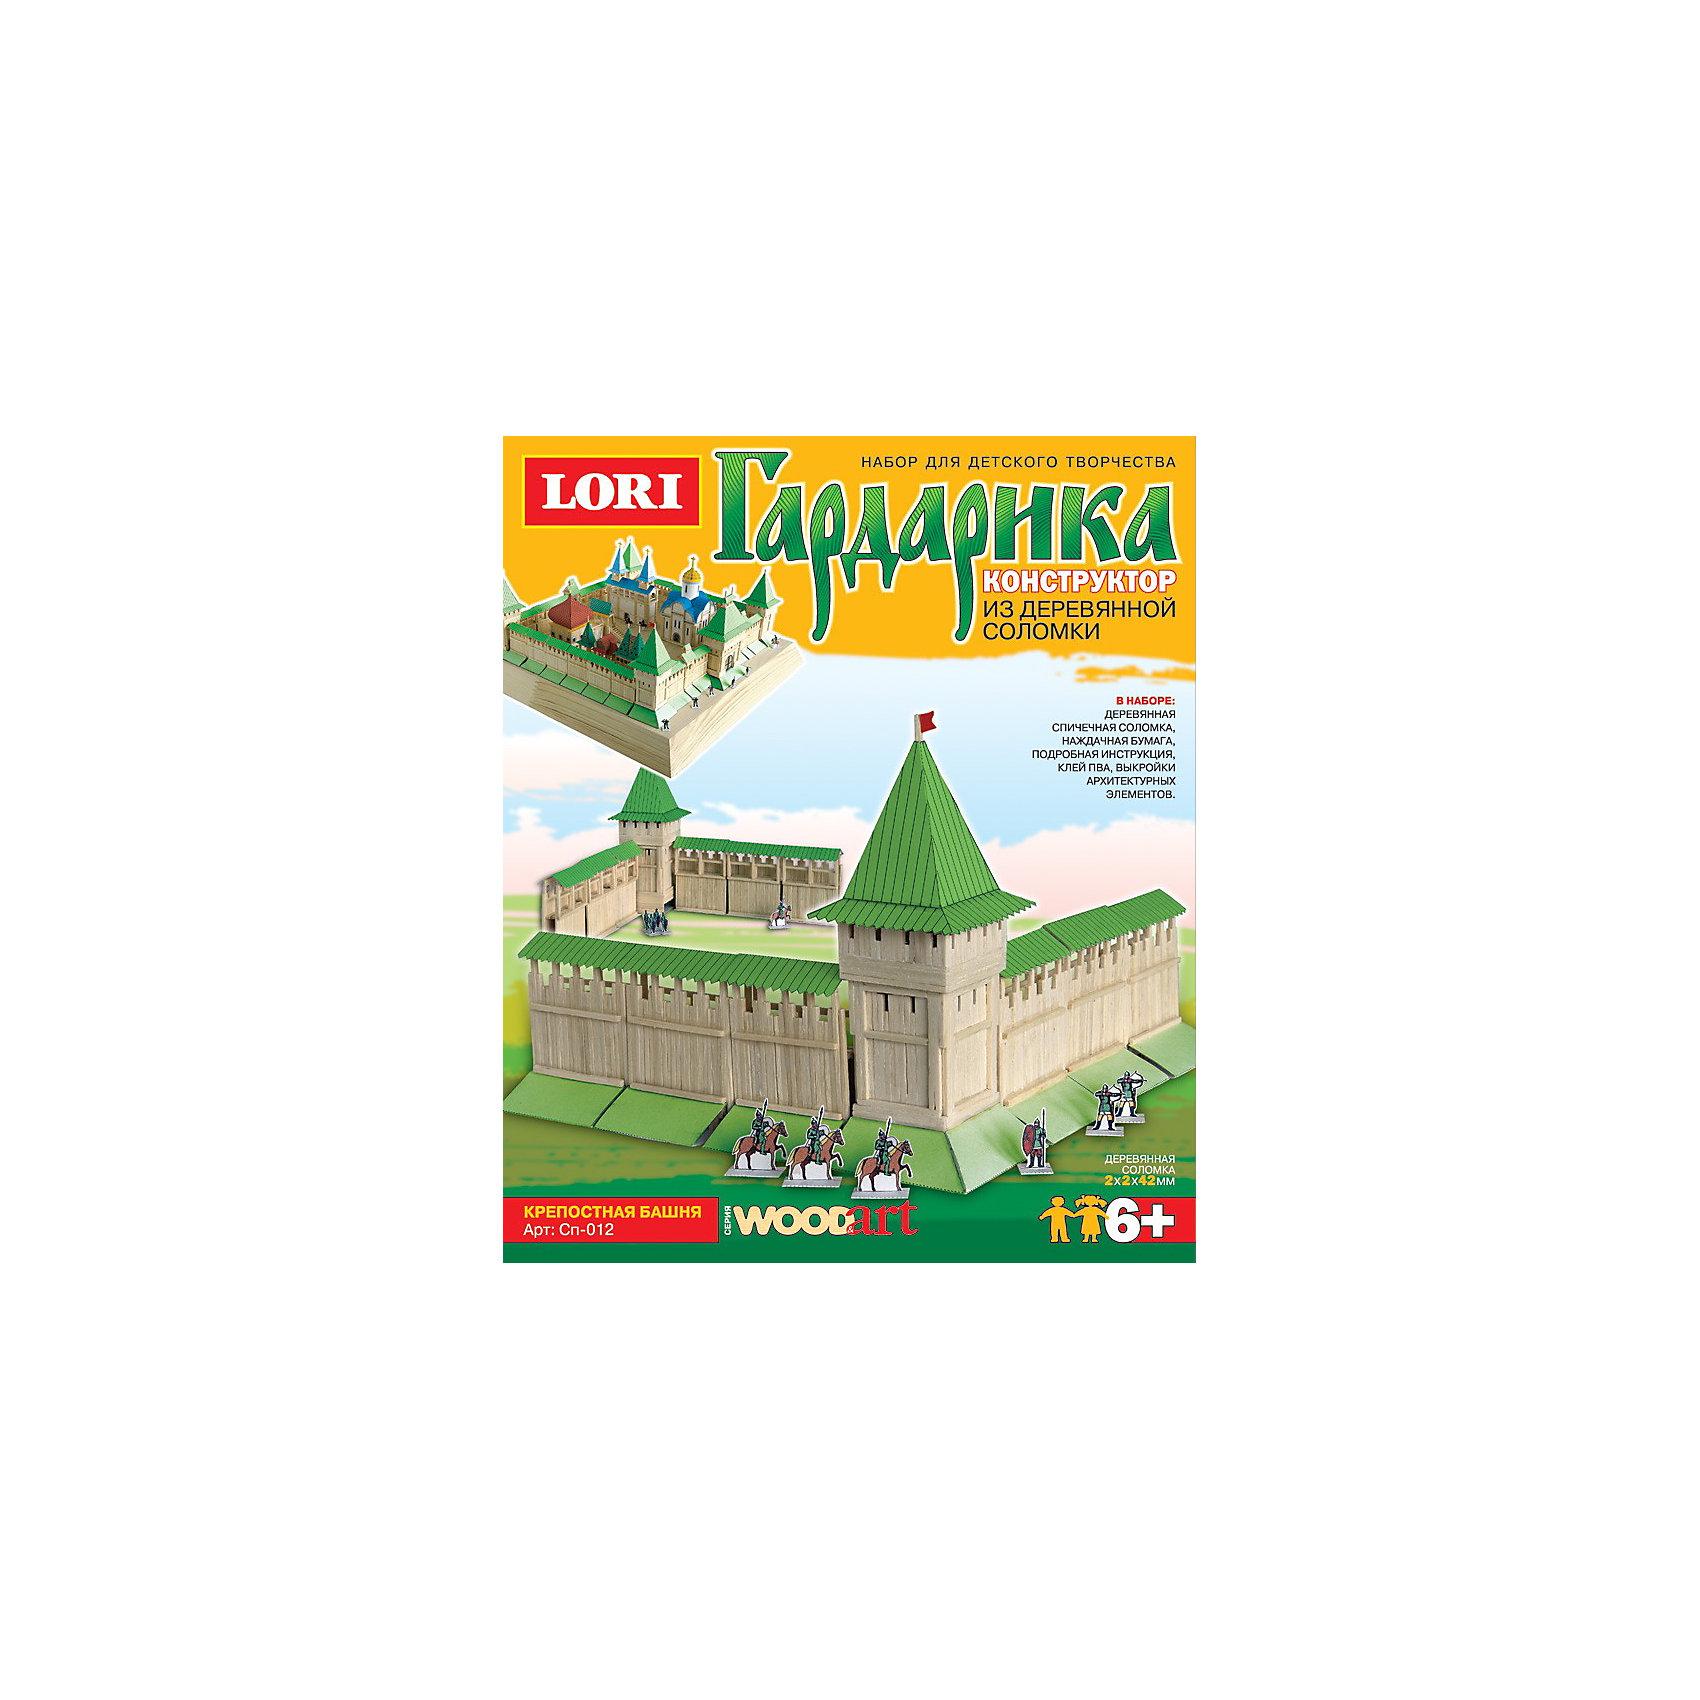 Конструктор из серии Гардарика Крепостная башня, LORIКонструктор из серии Гардарика Крепостная башня, LORI станет самым интересным занятием для Вашего малыша!<br>Наборы LORI  серии «Гардарика» интересны тем, что они взаимосвязаны друг с другом. Каждый набор предполагает изготовление трехмерной композиции. В итоге, если собрать все наборы этой серии, получится красивый деревянный город, один из городов древней Гардарики (прим. Гардарикой скандинавские племена называли Русь).<br>Собранный конструктор станет самым настоящим местом для игр, сюжет которых придумает сам ребенок. Немного фантазии - и игра с «Гардарикой» превратится в настоящее представление.<br>Поскольку серия имеет повышенный уровень сложности, при сборке конструктора ребенку понадобится помощь взрослых. А, как известно, совместные занятия детей и родителей положительно влияют на ребенка. Вместе с родителями он научиться «читать» схемы и чертежи, аккуратно склеивать деревянную соломку, радоваться результату своего труда. Занятия с набором развивают мелкую моторику и глазомер, воспитывают аккуратность, внимательность и усидчивость.<br><br>Дополнительная информация:<br><br>Размер: 220х189х50 мм.<br><br>Вес: 218 г.<br><br>Станет прекрасным развивающим подарком Вашему малышу!<br>Легко купить в нашем интернет-магазине!<br><br>Ширина мм: 220<br>Глубина мм: 189<br>Высота мм: 50<br>Вес г: 218<br>Возраст от месяцев: 72<br>Возраст до месяцев: 144<br>Пол: Мужской<br>Возраст: Детский<br>SKU: 3376688